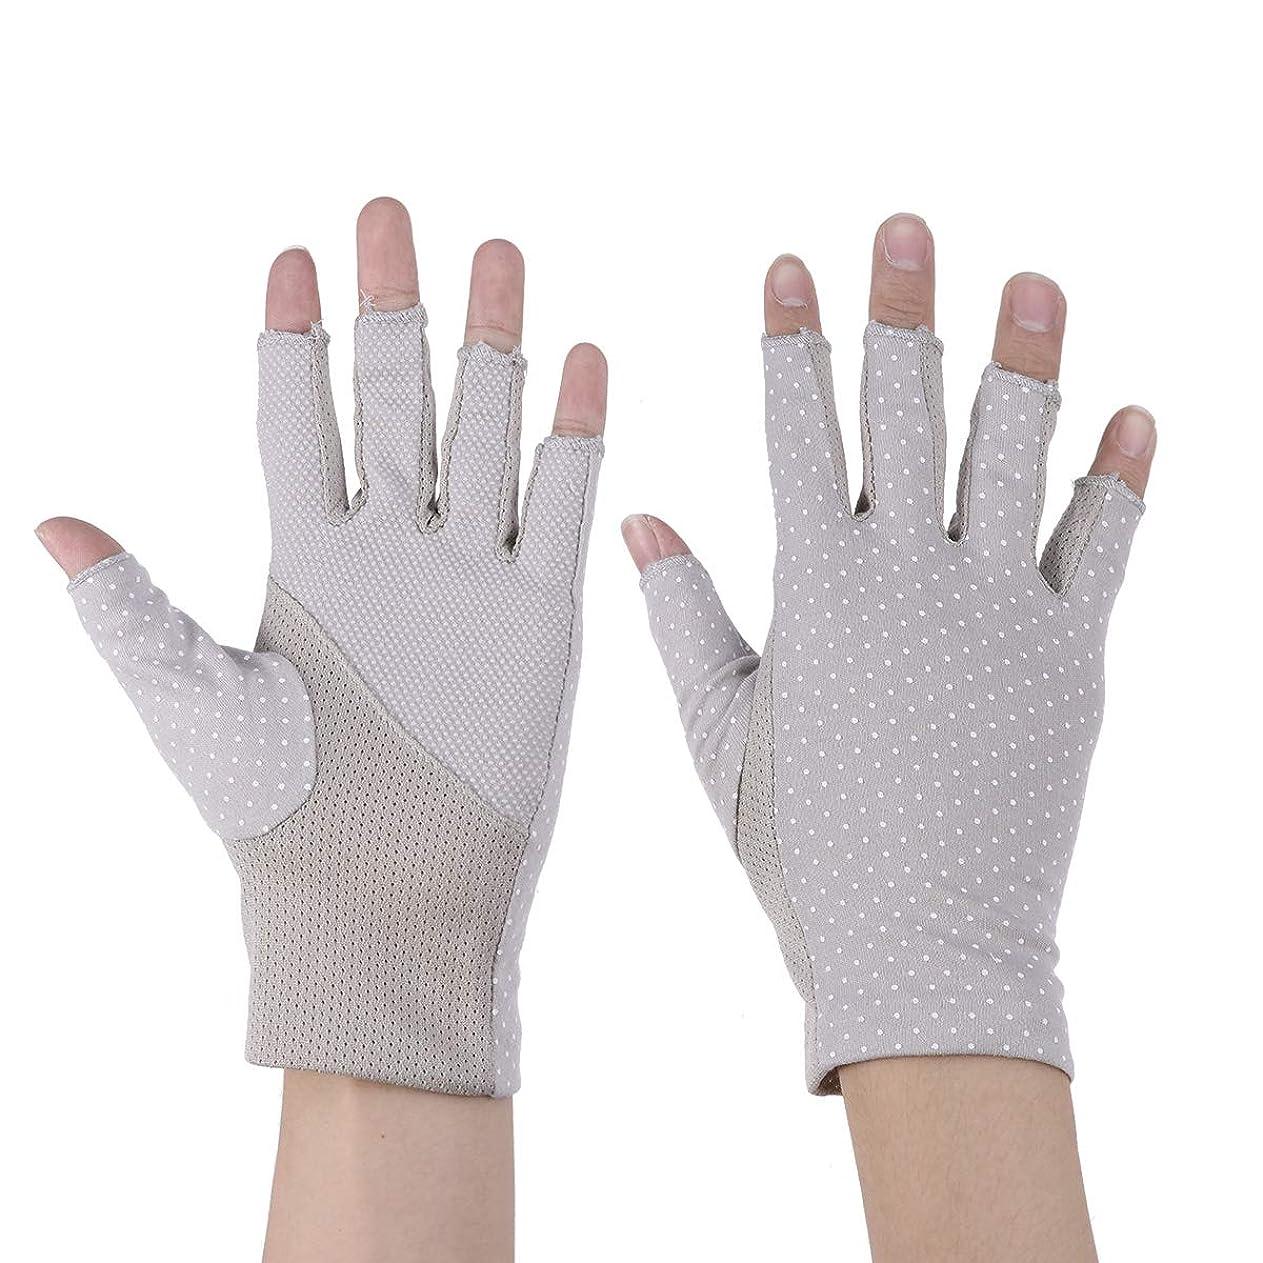 醜い企業学校教育Healifty 1ペア日焼け止め手袋ワークアウトミトンハーフフィンガー紫外線保護手袋用サイクリンググレー